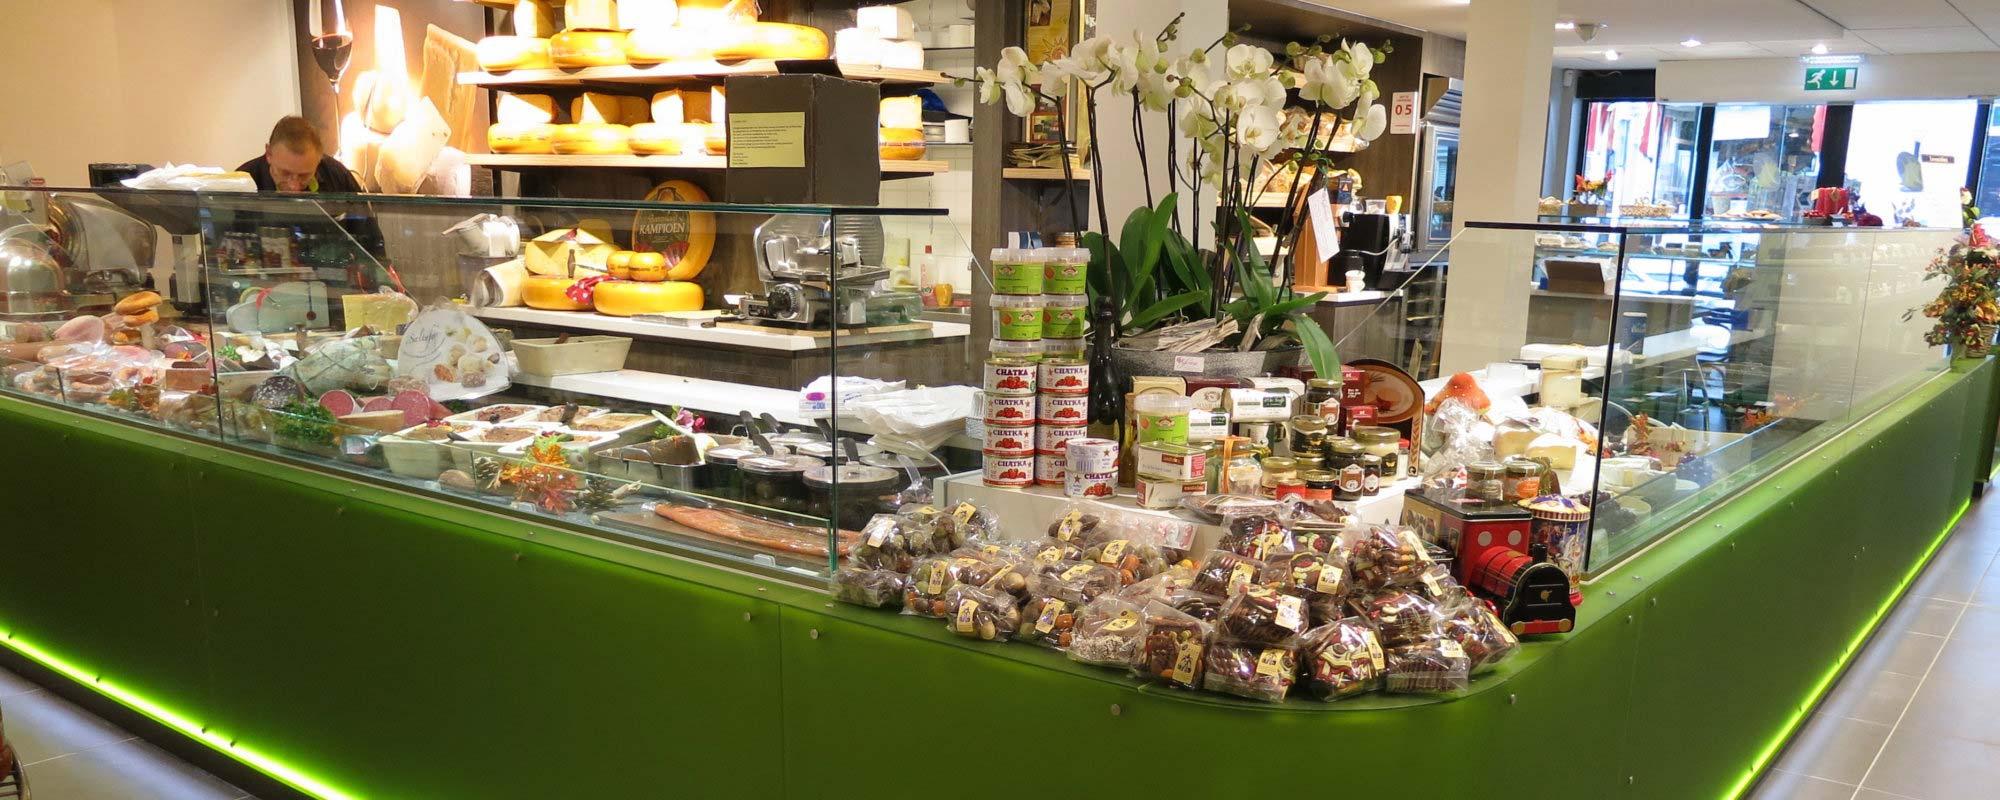 Restylen supermarkt en delicatessenwinkel